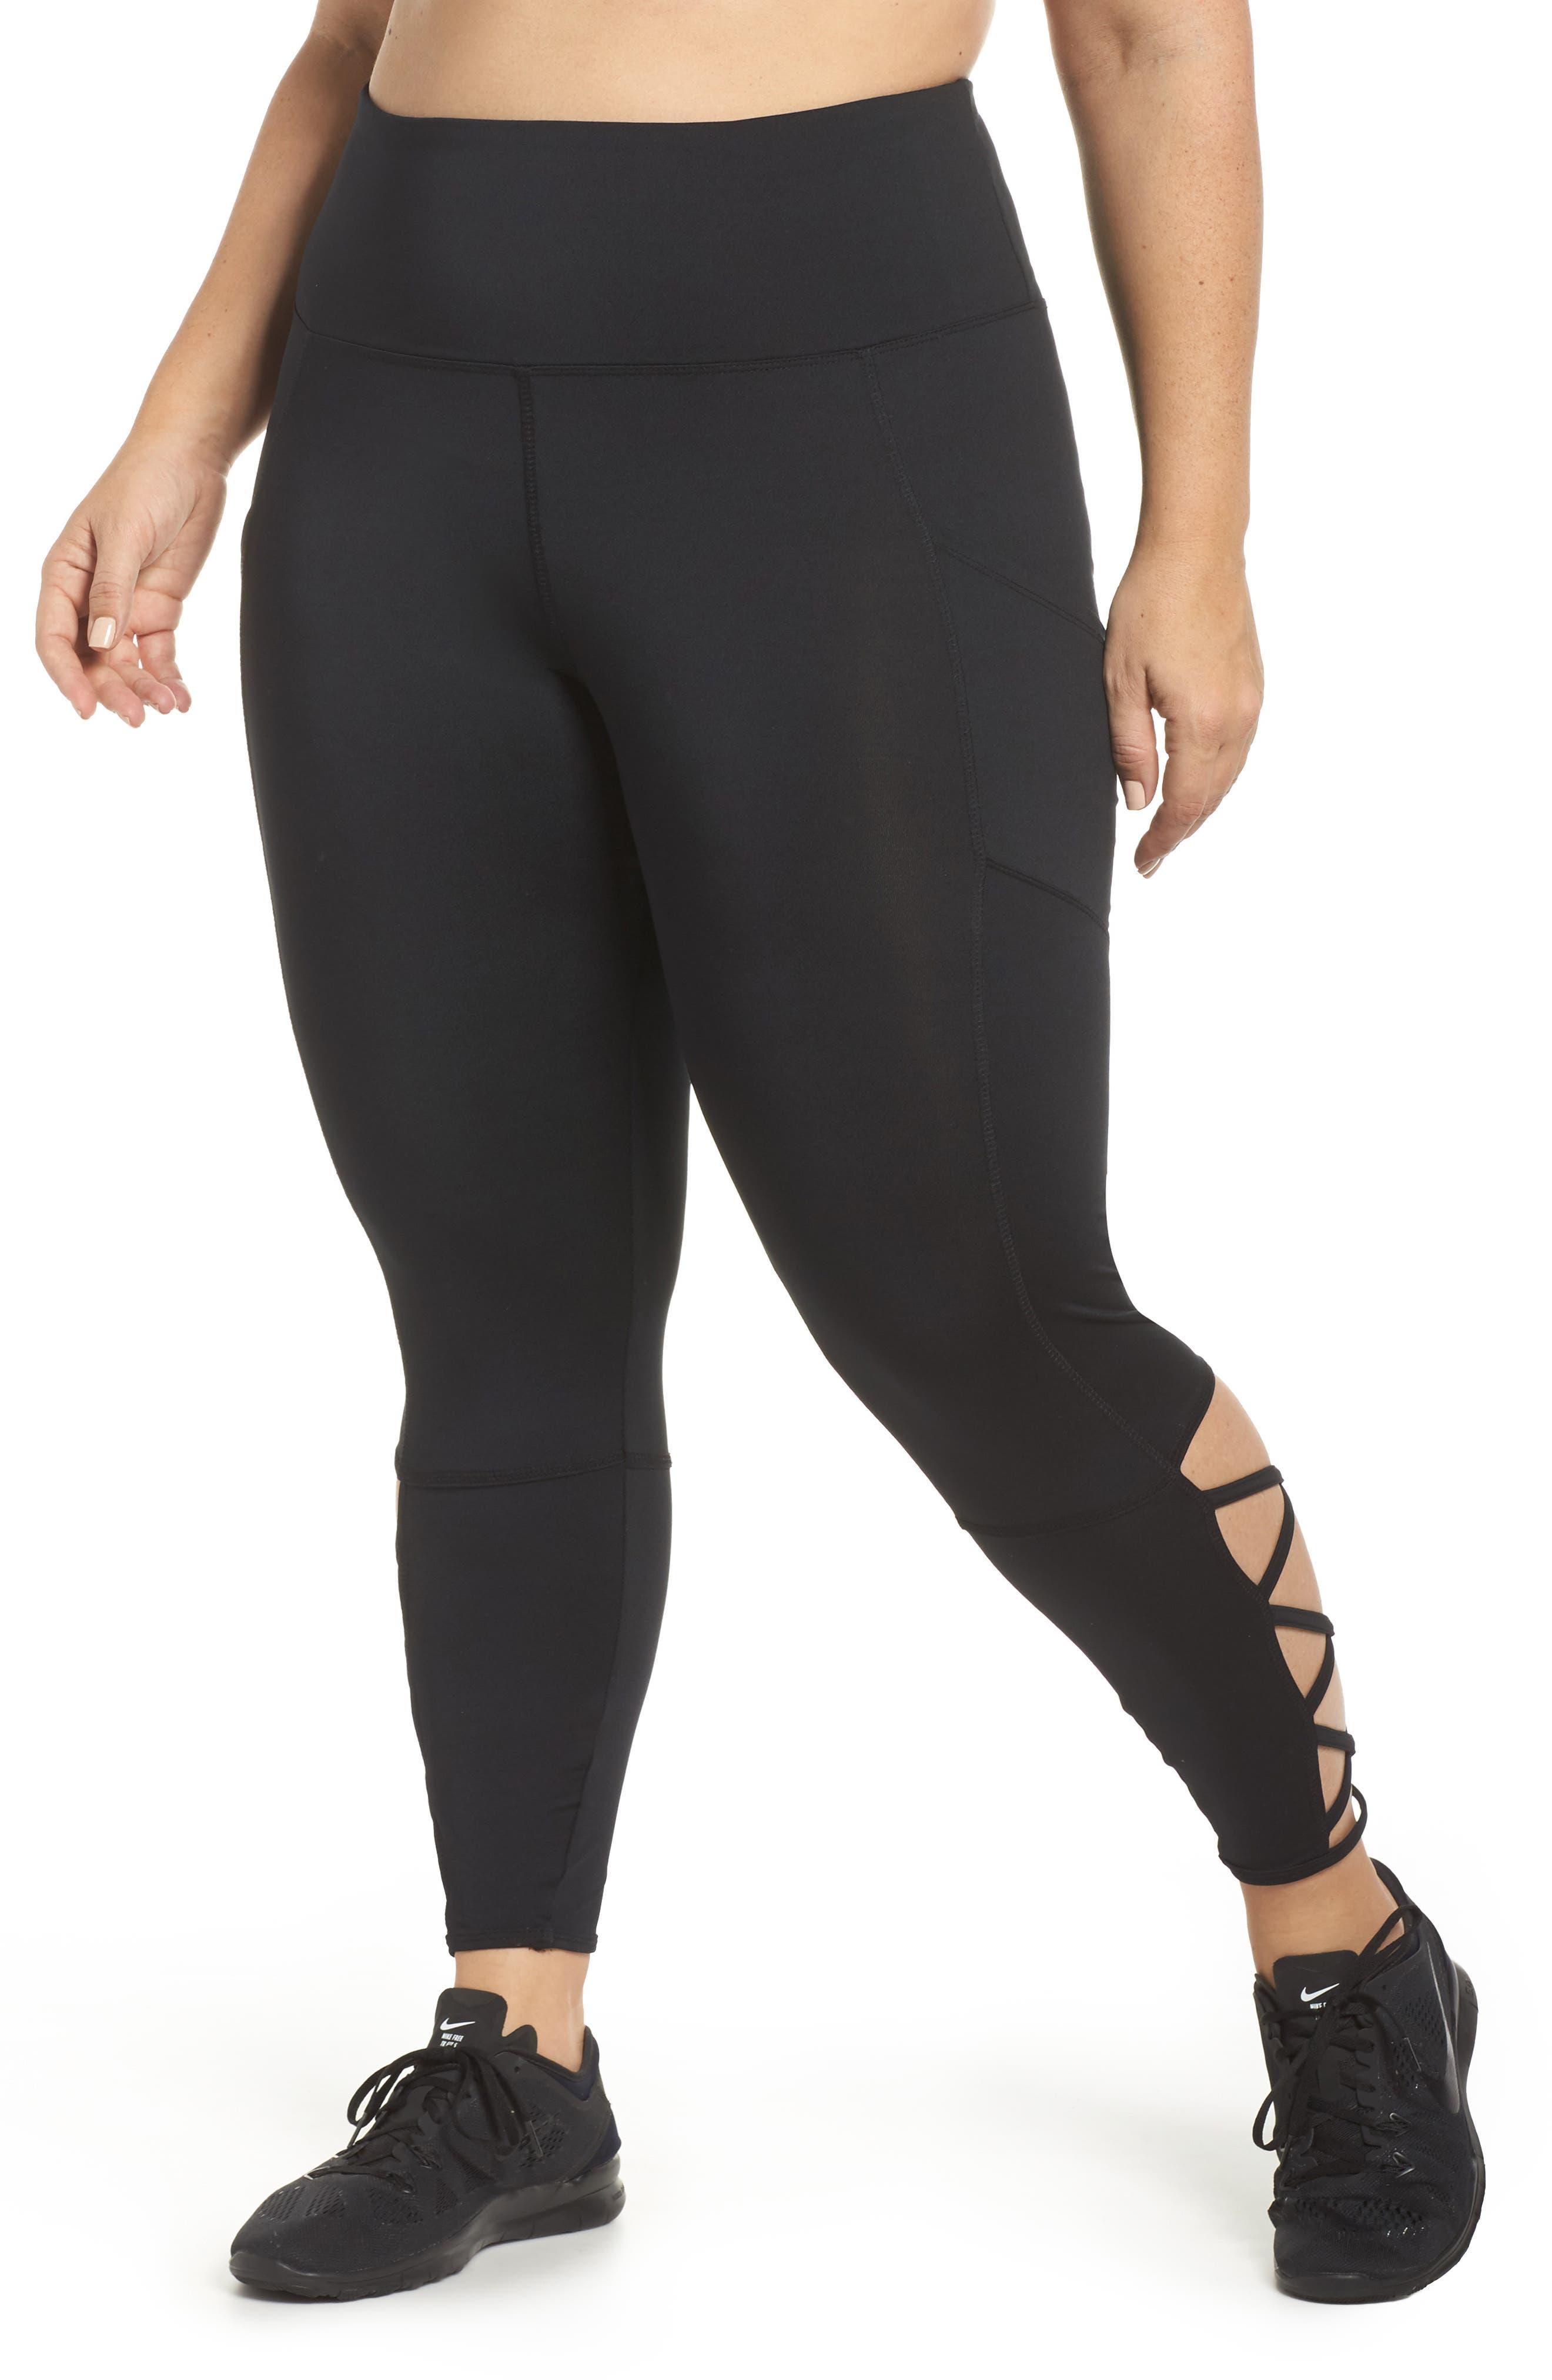 Lux Ankle Leggings,                         Main,                         color, Black